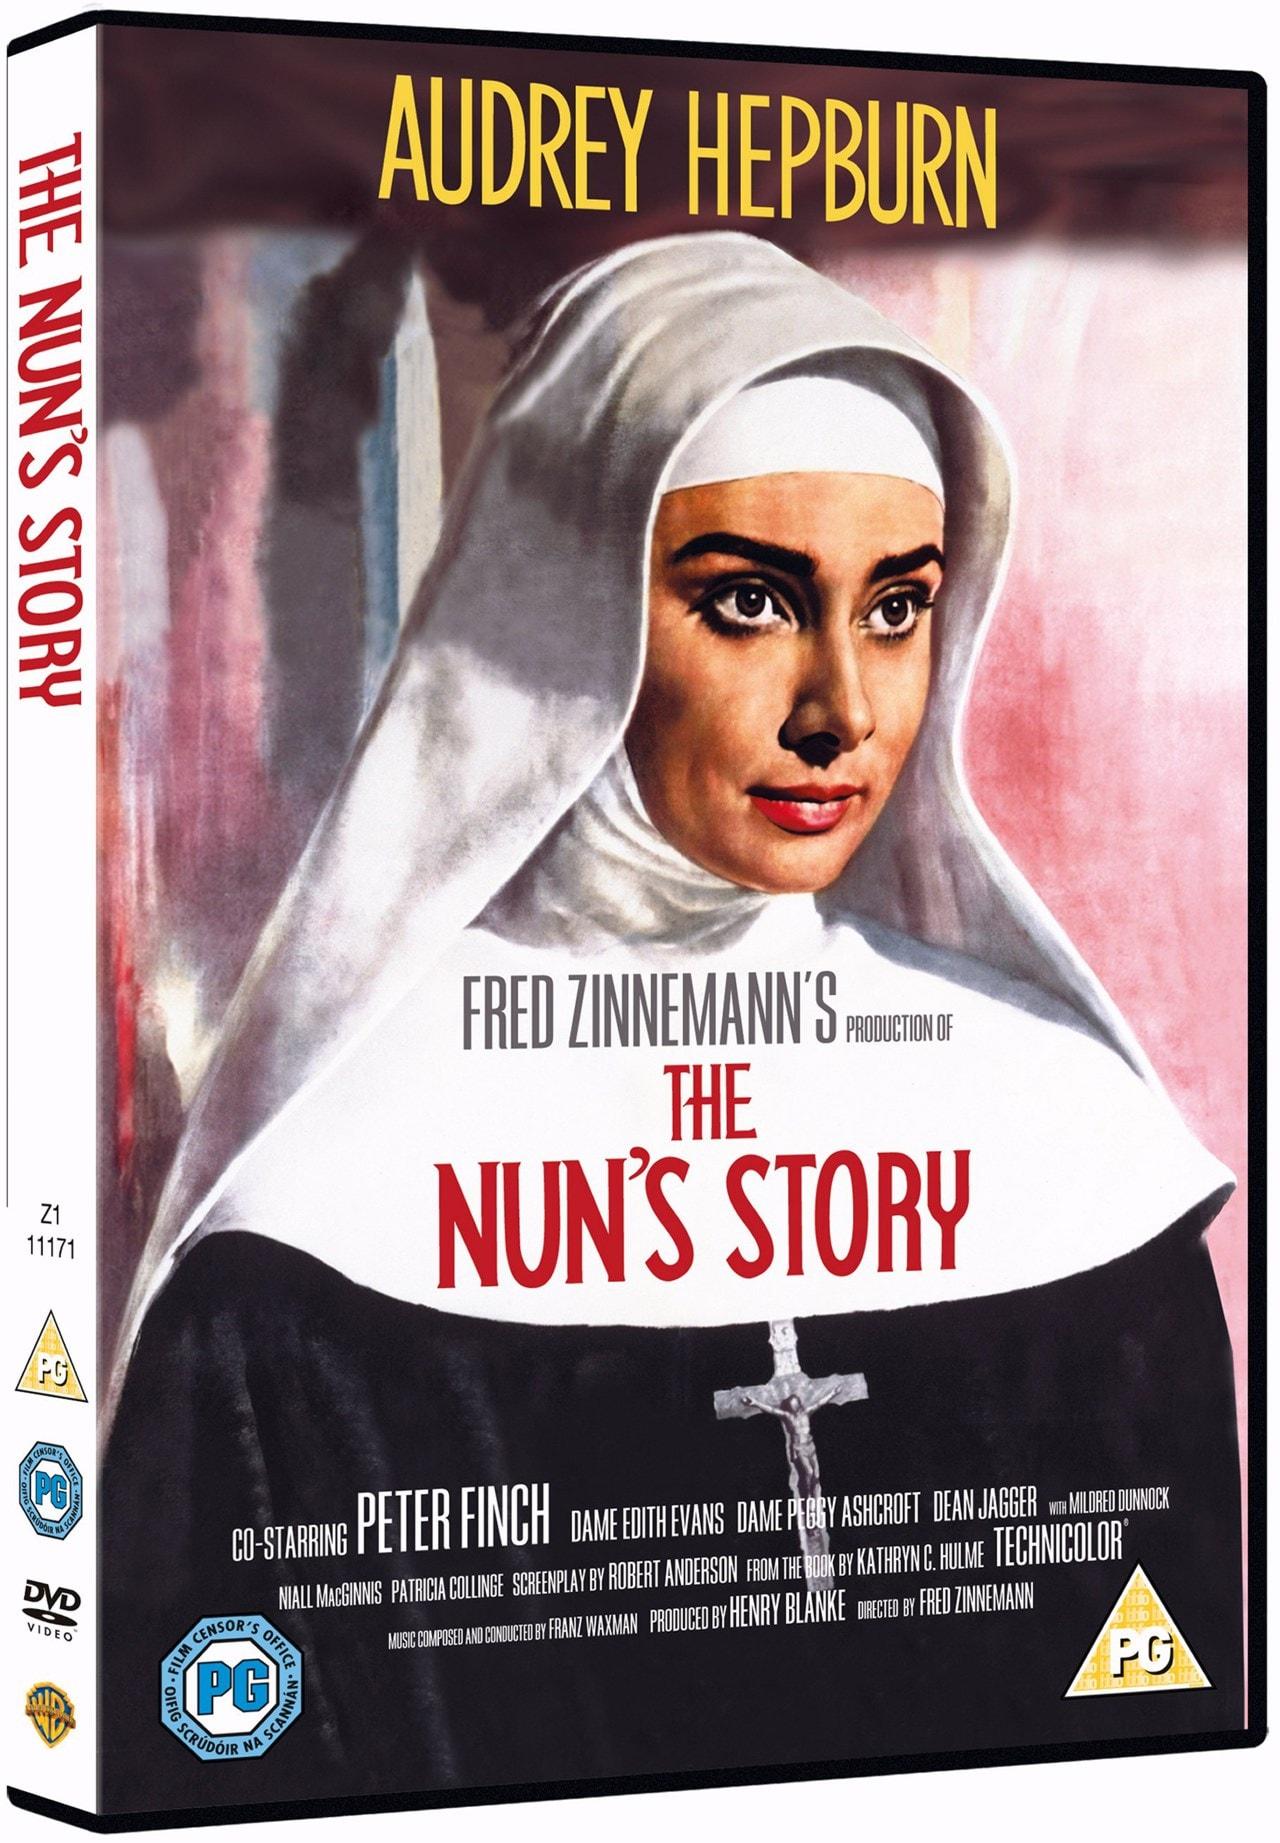 The Nun's Story - 4